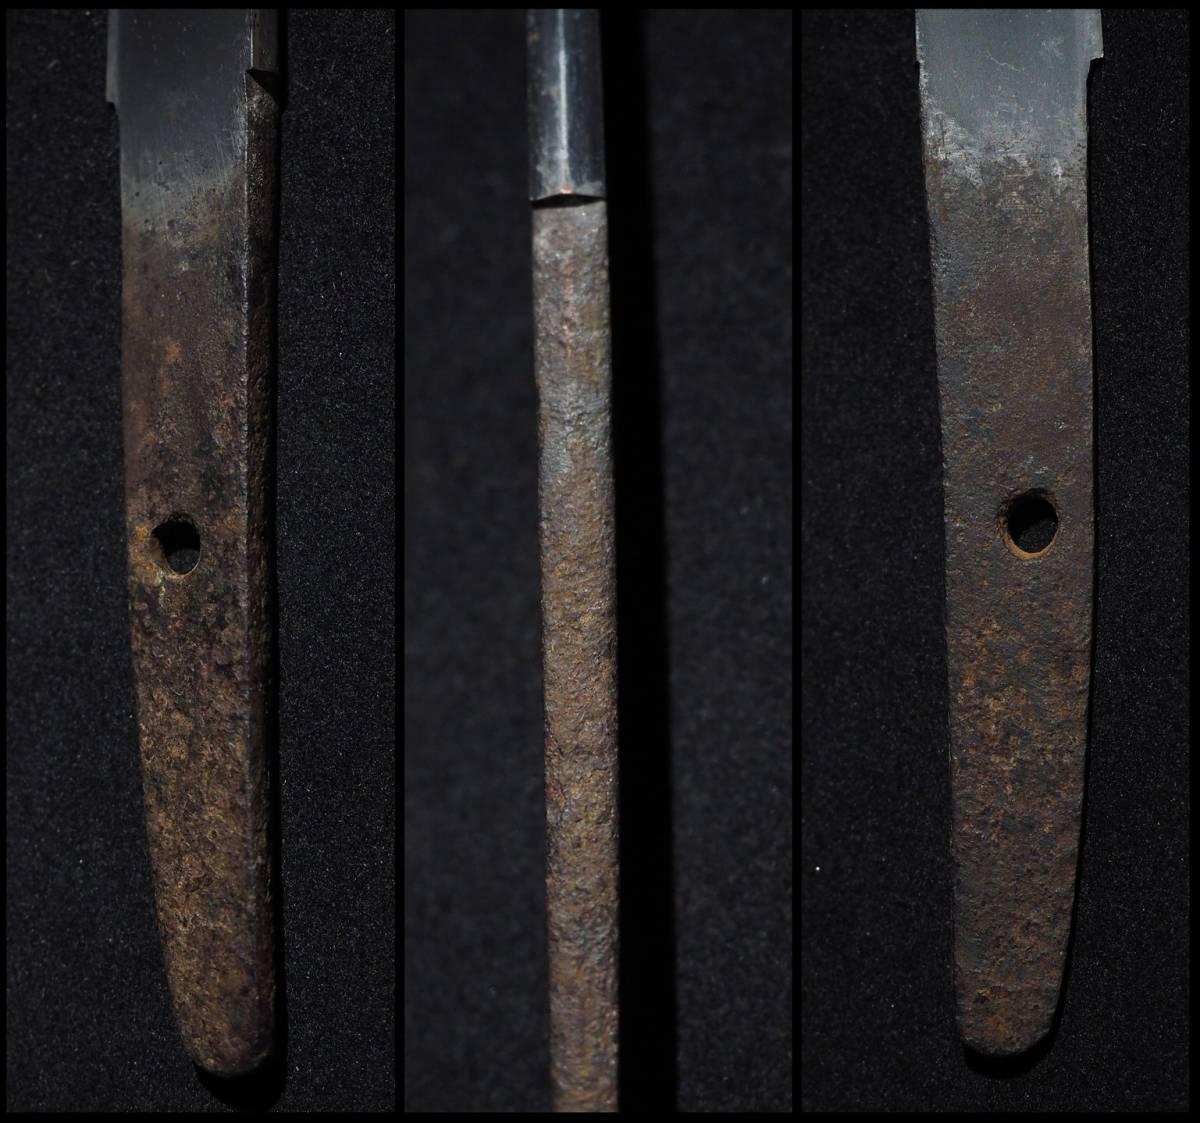 ■白鞘入りの平造り短刀■無銘■素晴らしい刃紋■七寸一分六厘■元幅1.88㎝■元重5㎜■御守り刀に最適です■_画像4